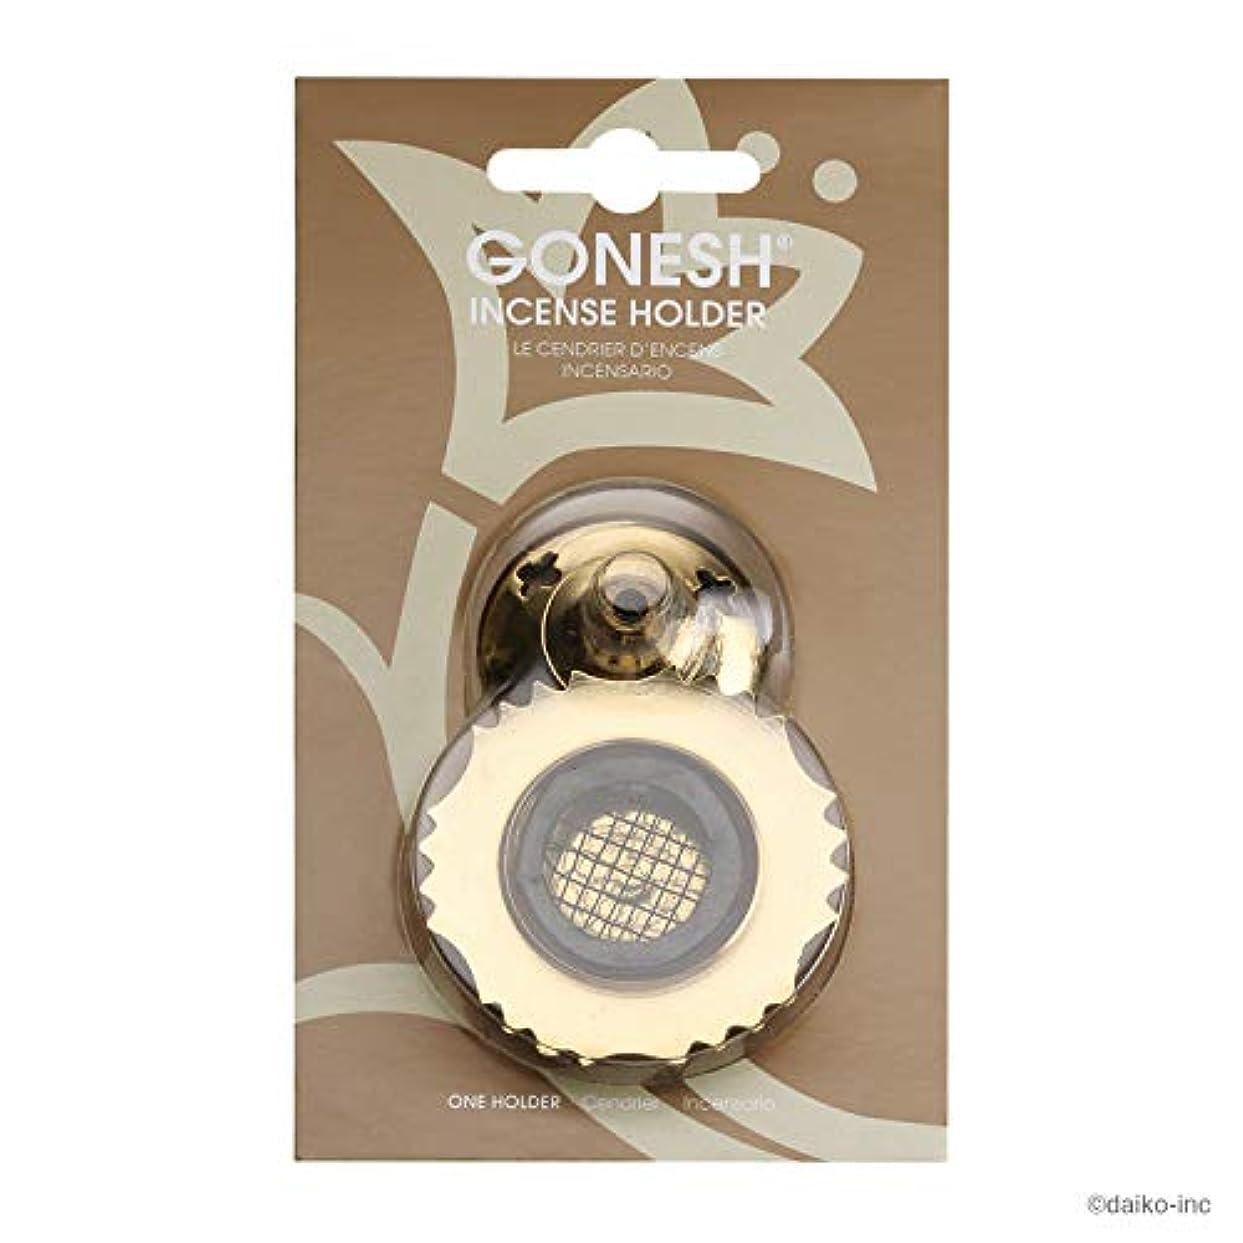 ウィンクアクション歌ガーネッシュ(GONESH) インセンスホルダー メッシュブラス (お香立て)